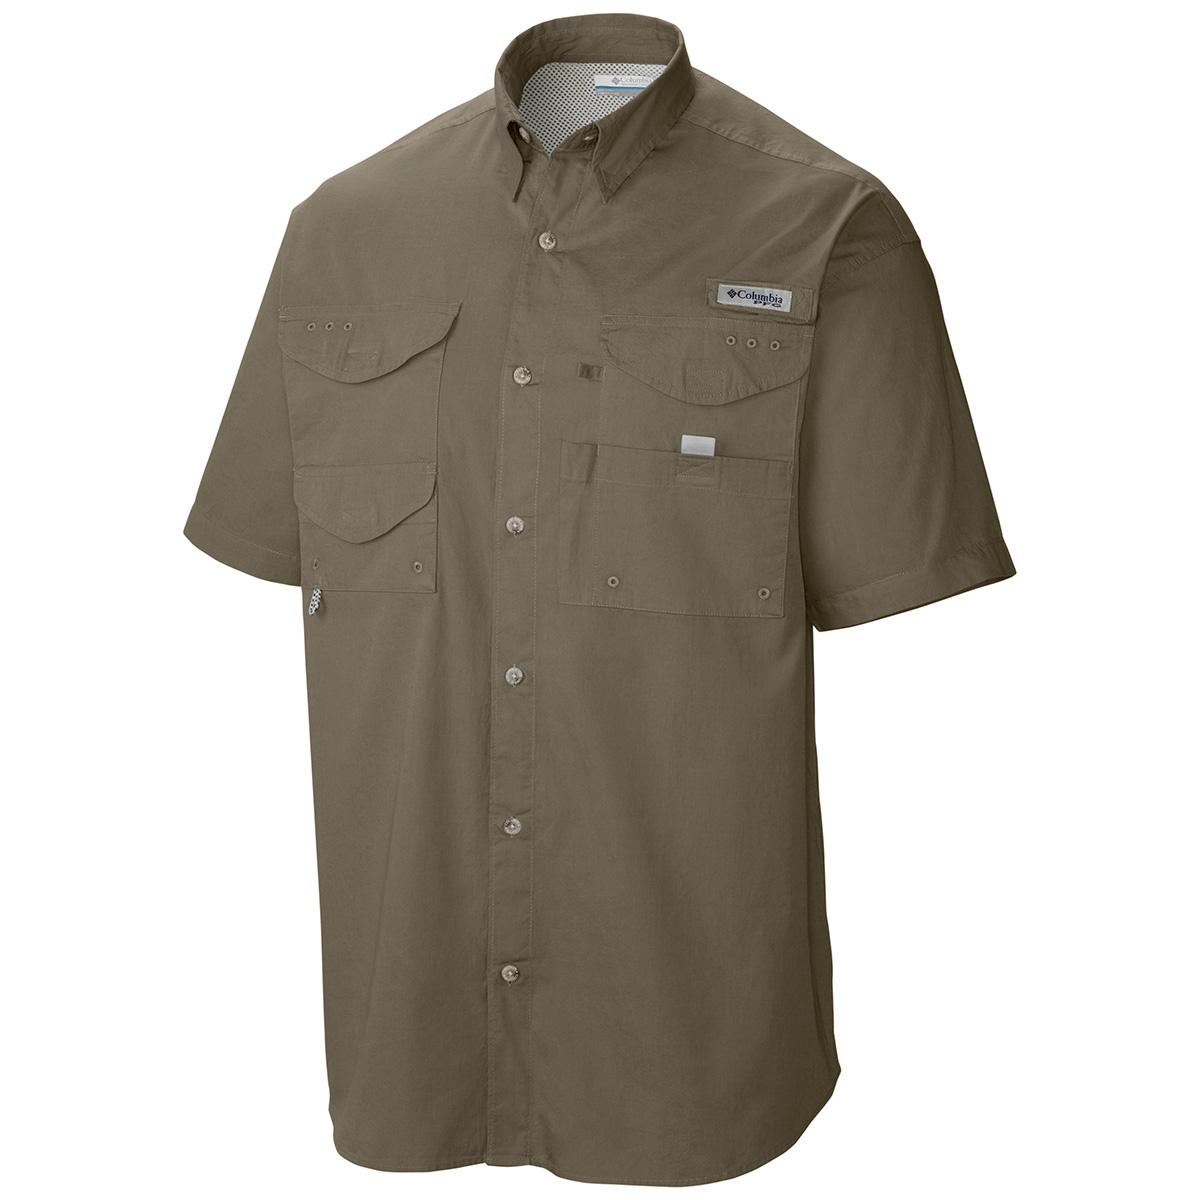 Columbia bonehead ss shirt fishing shirts taimen for Columbia cotton fishing shirt